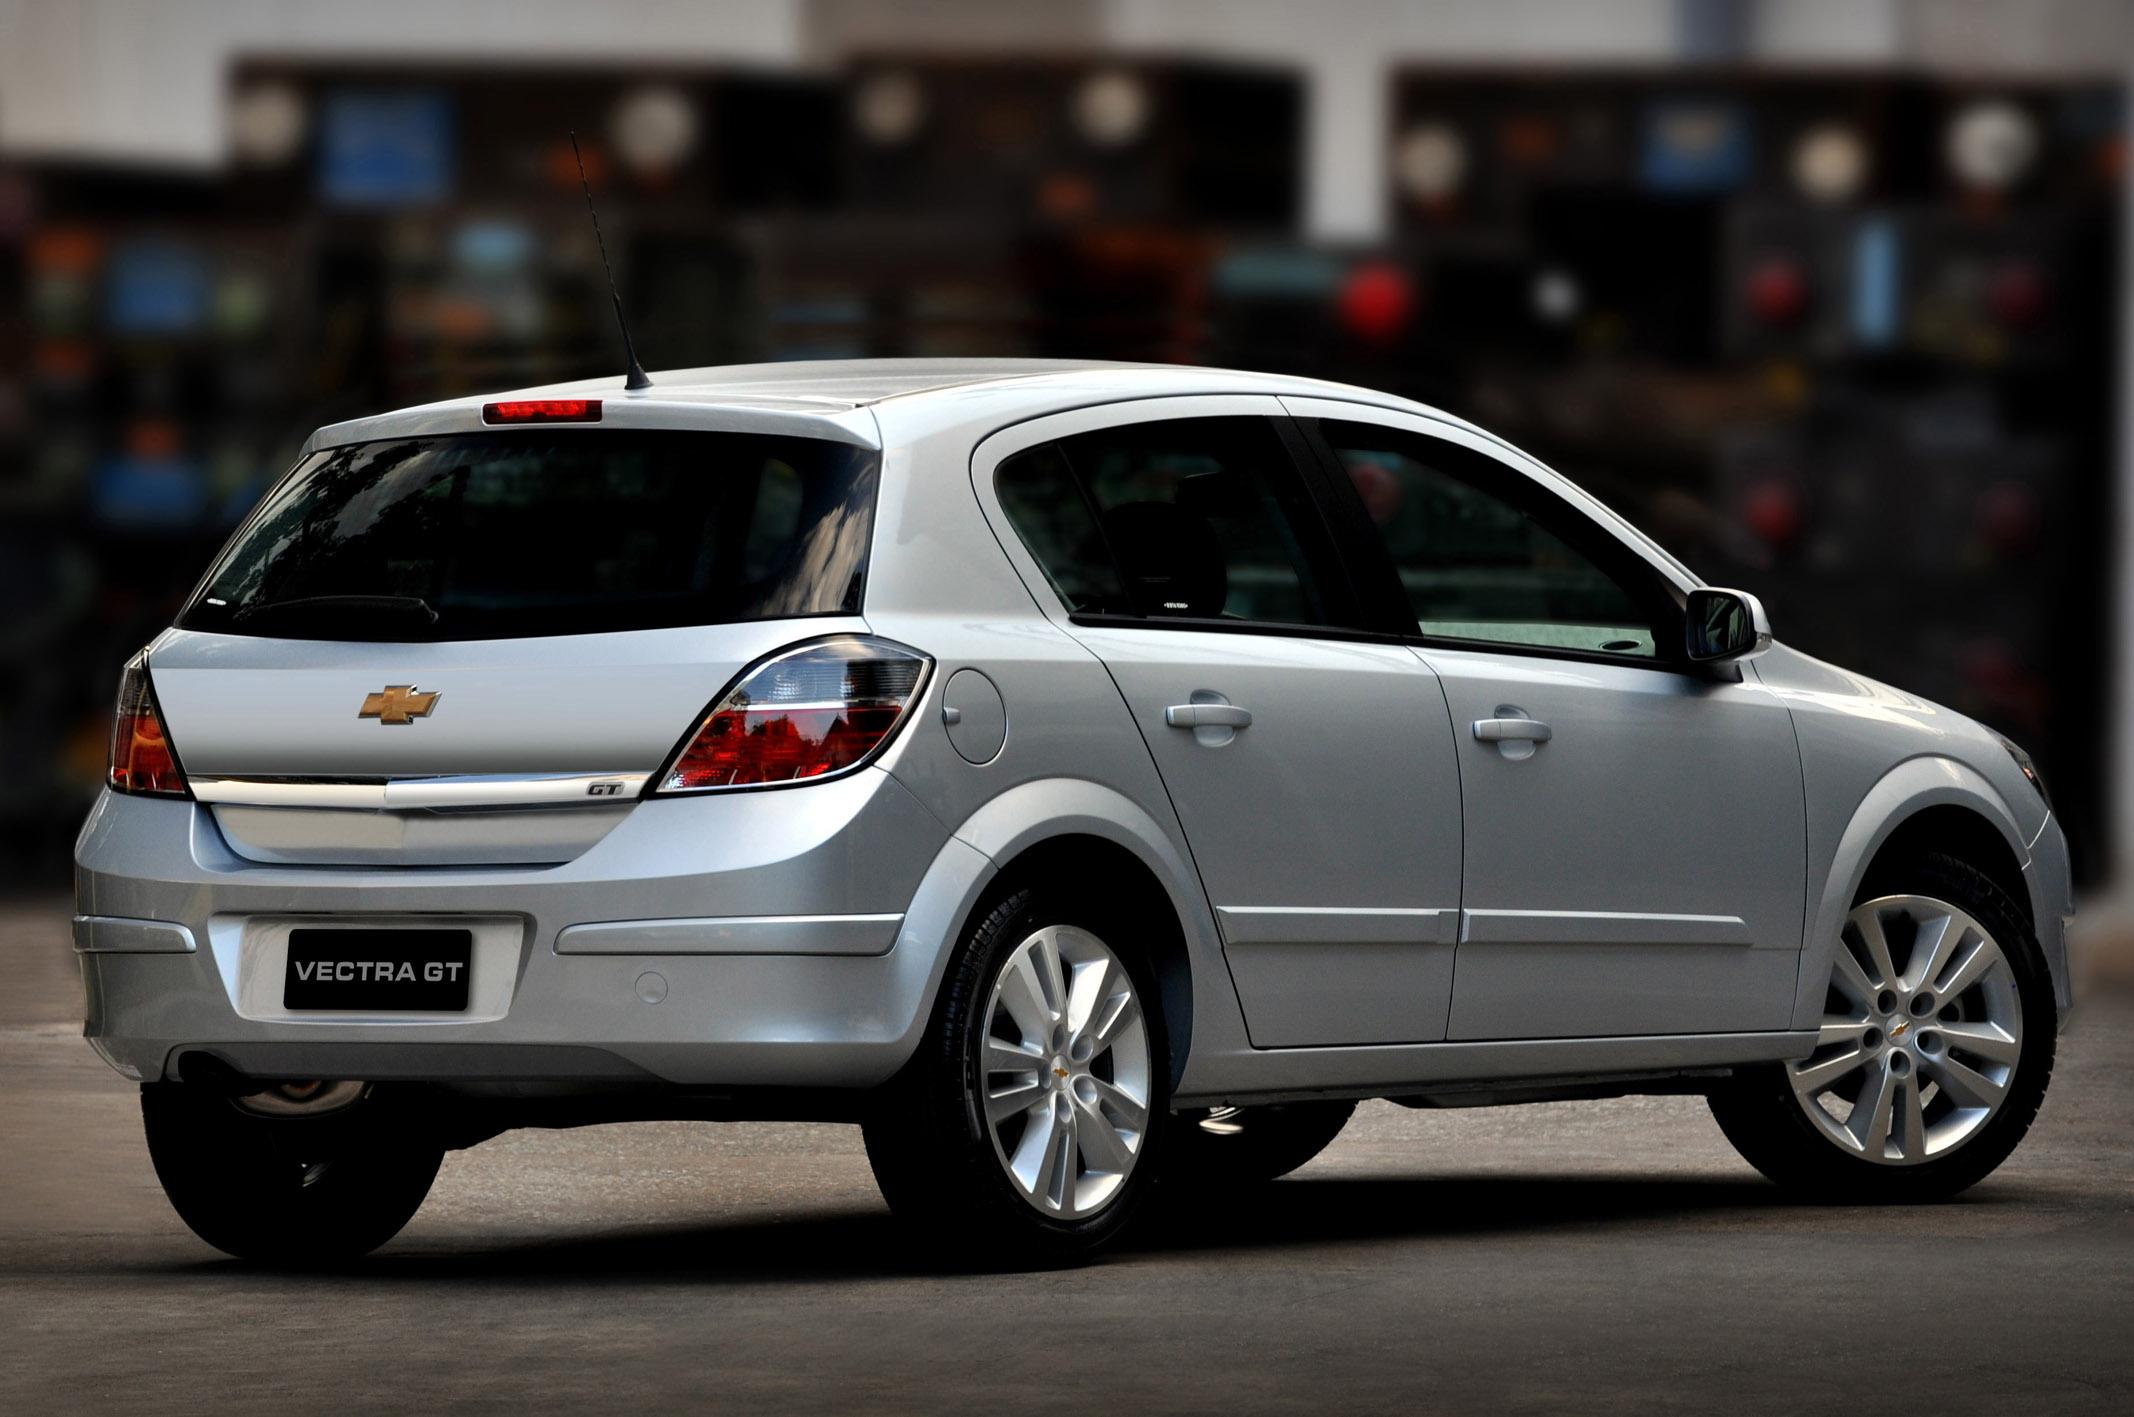 Auto Guia Novo Chevrolet Vectra Gt 2011